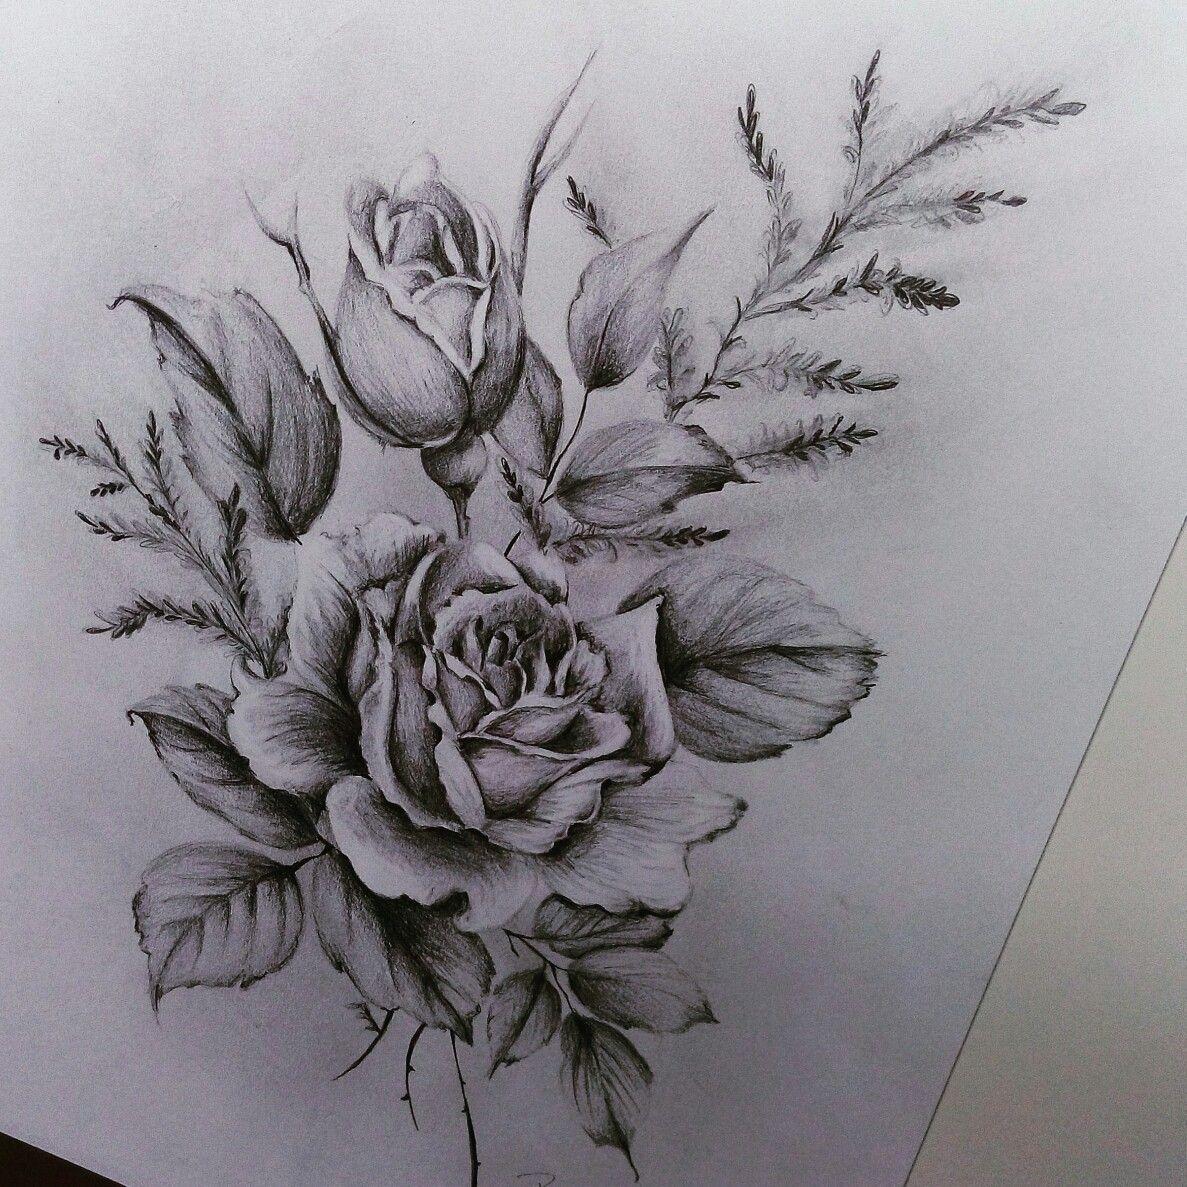 Rose - Zeichnung - Bleistift - Art - Blumen (Mit Bildern über Bleistiftzeichnungen Blumen